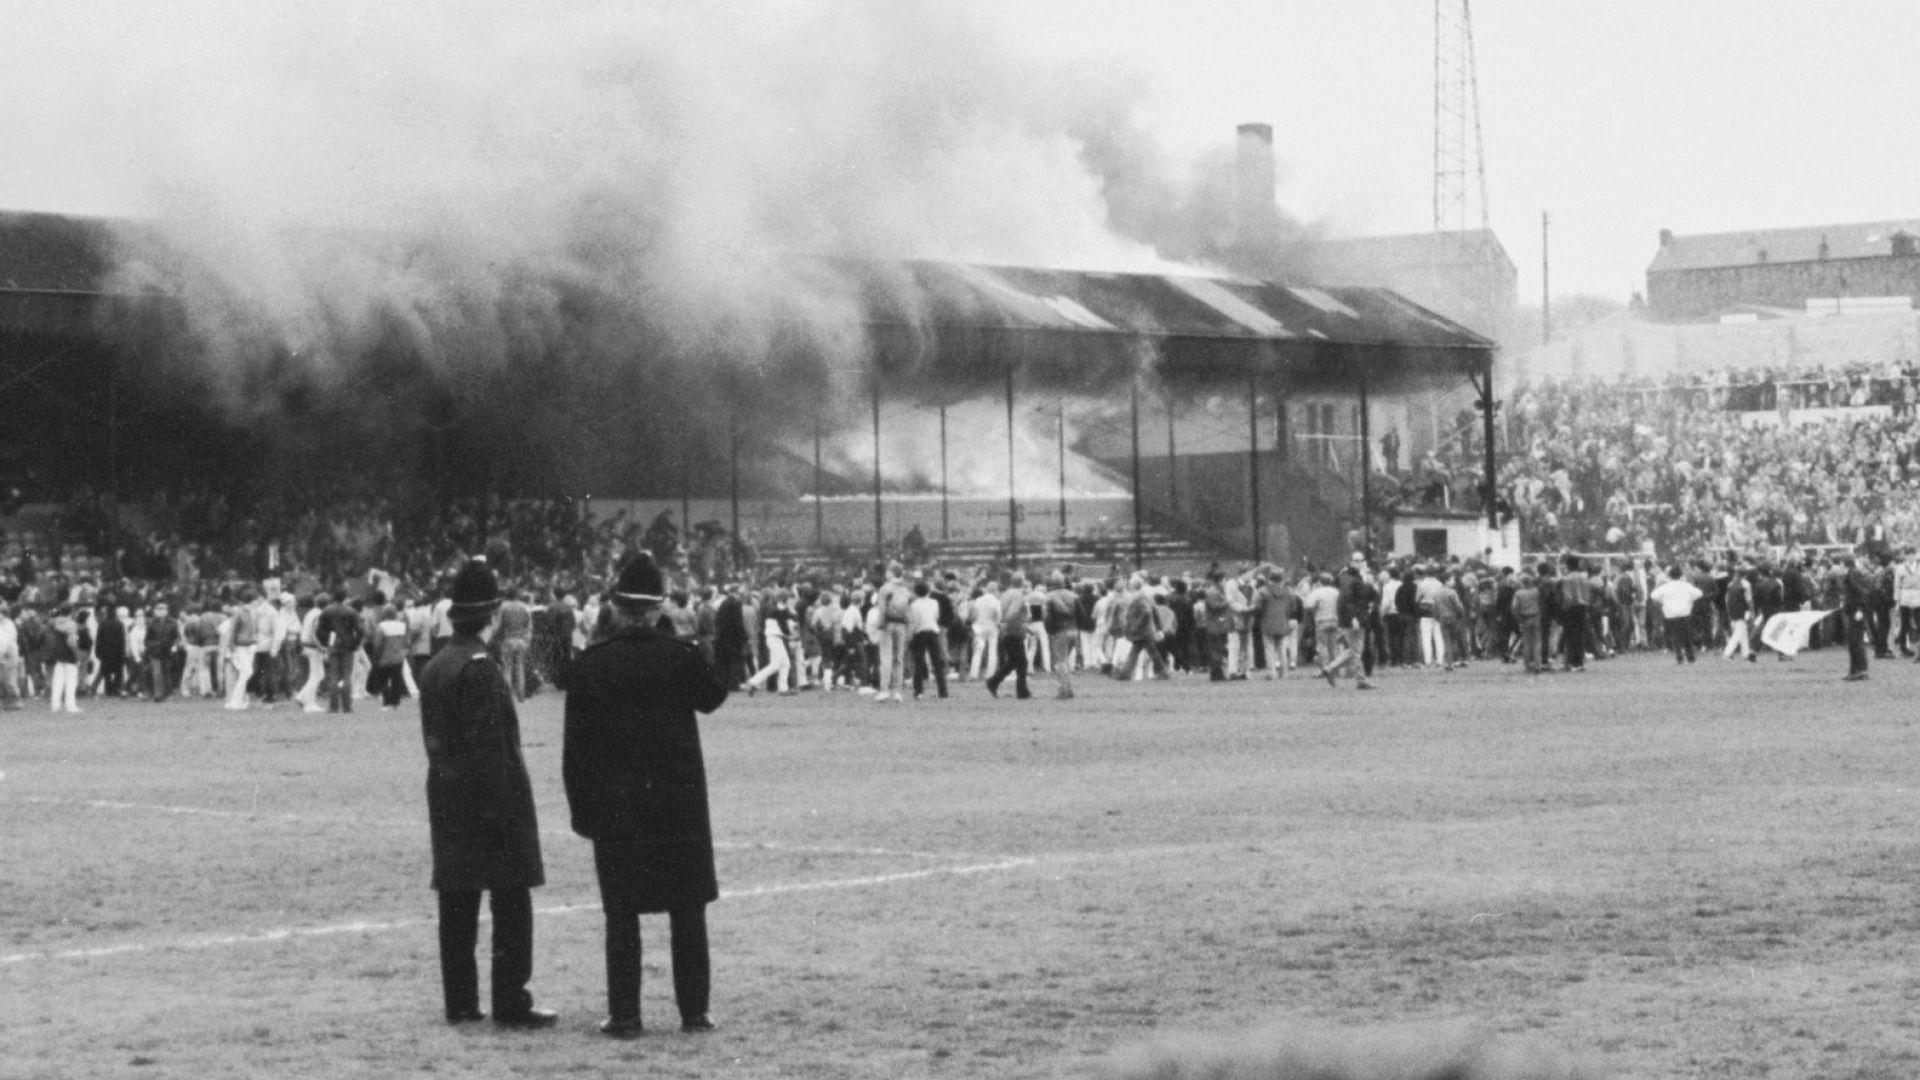 35 години по-късно: Как футболният празник на един град потъна в огън и ужас